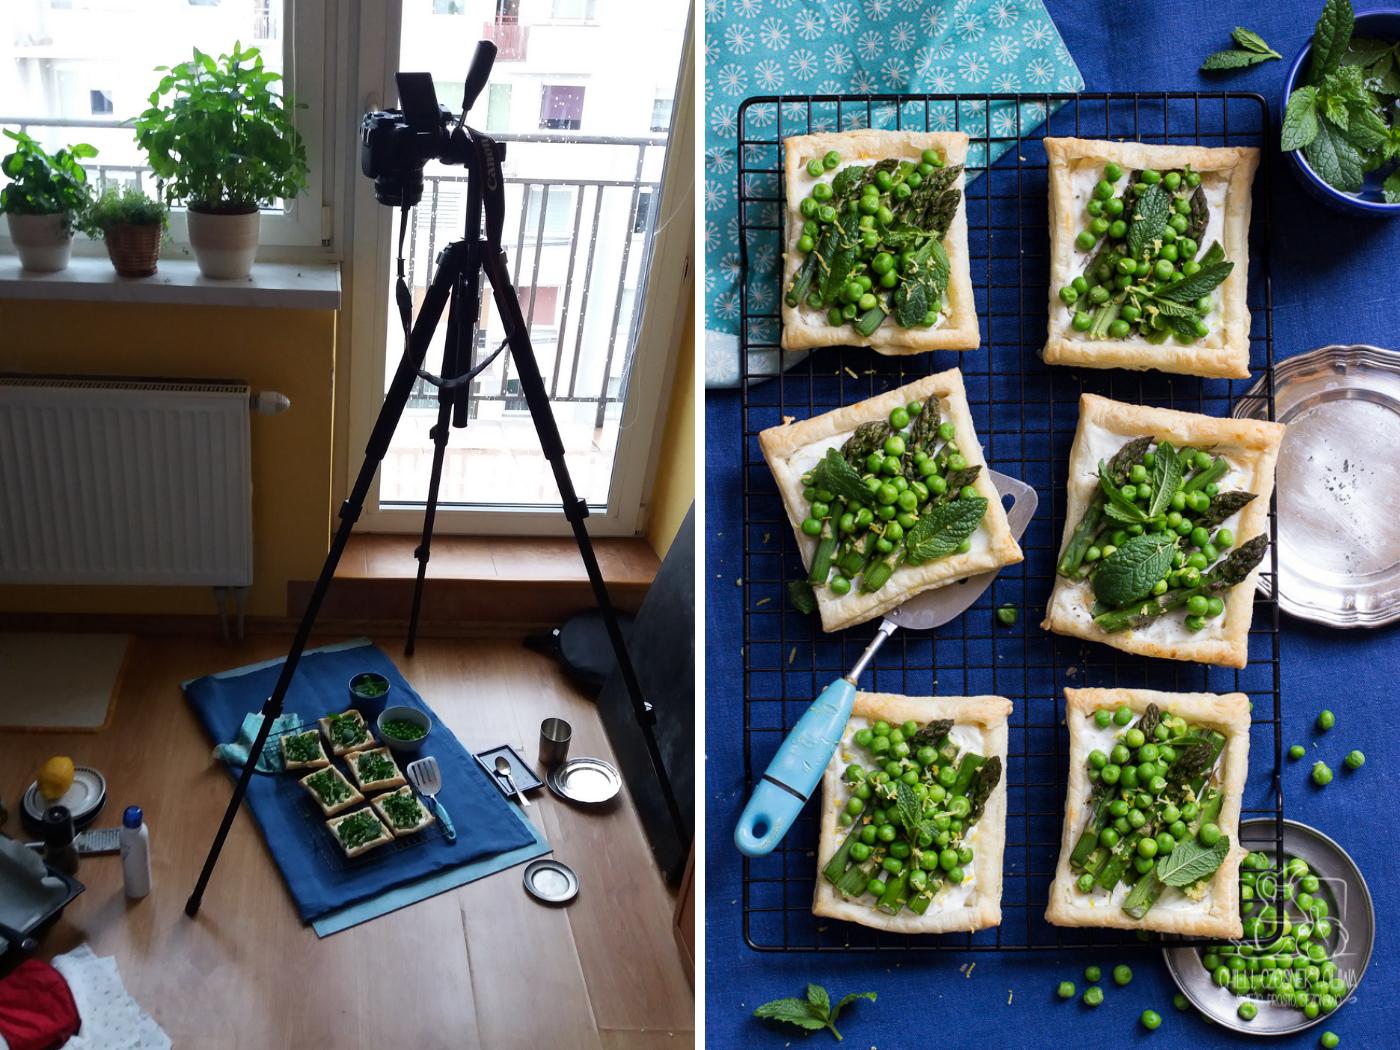 statyw w fotografii kulinarnej